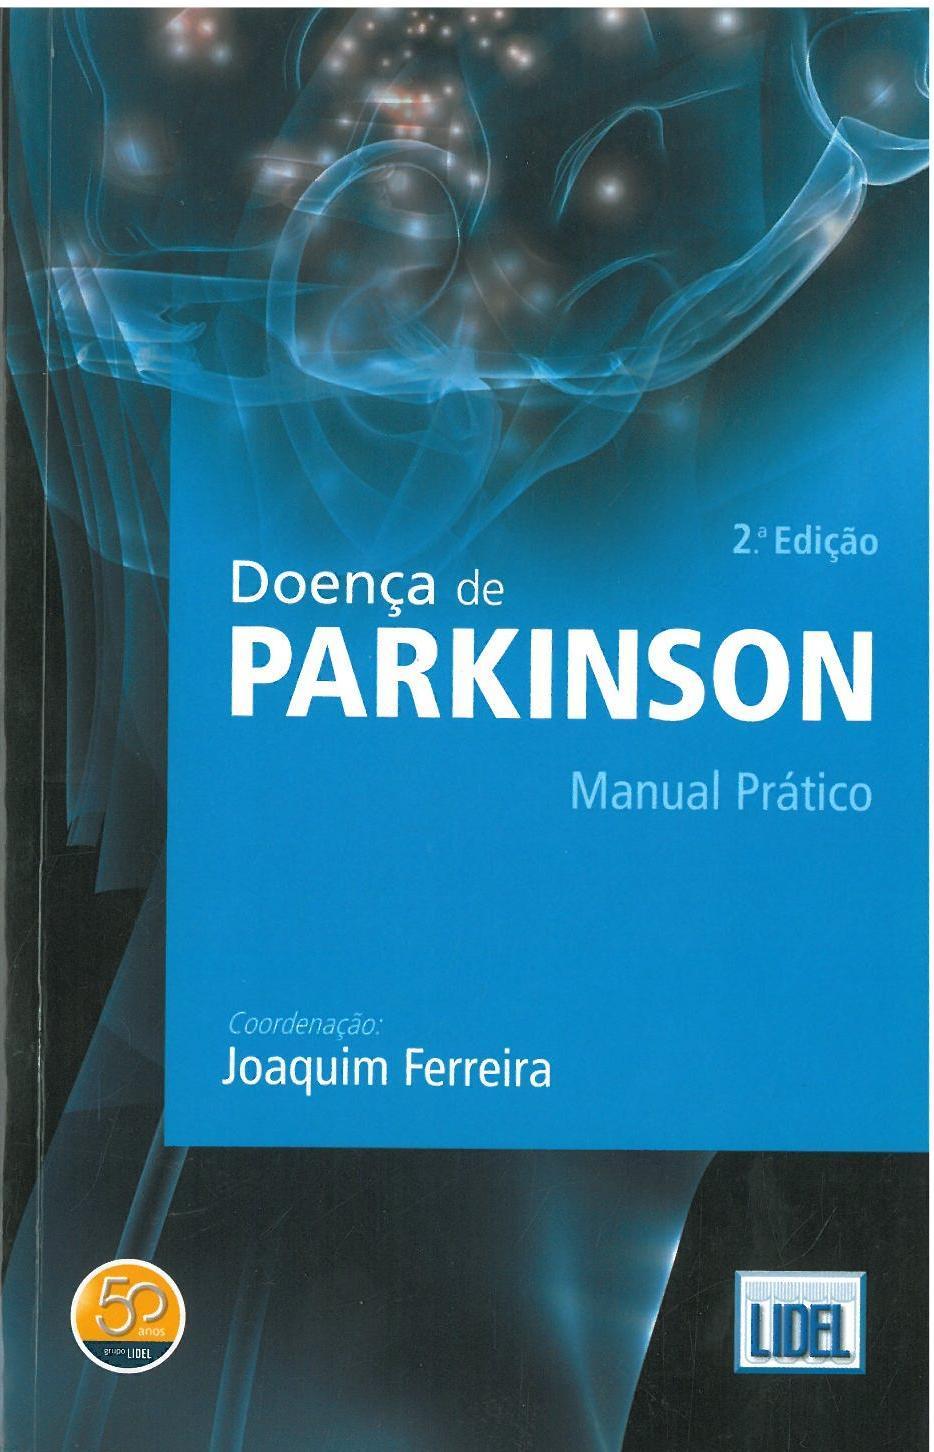 Doença de Parkinson_.jpg